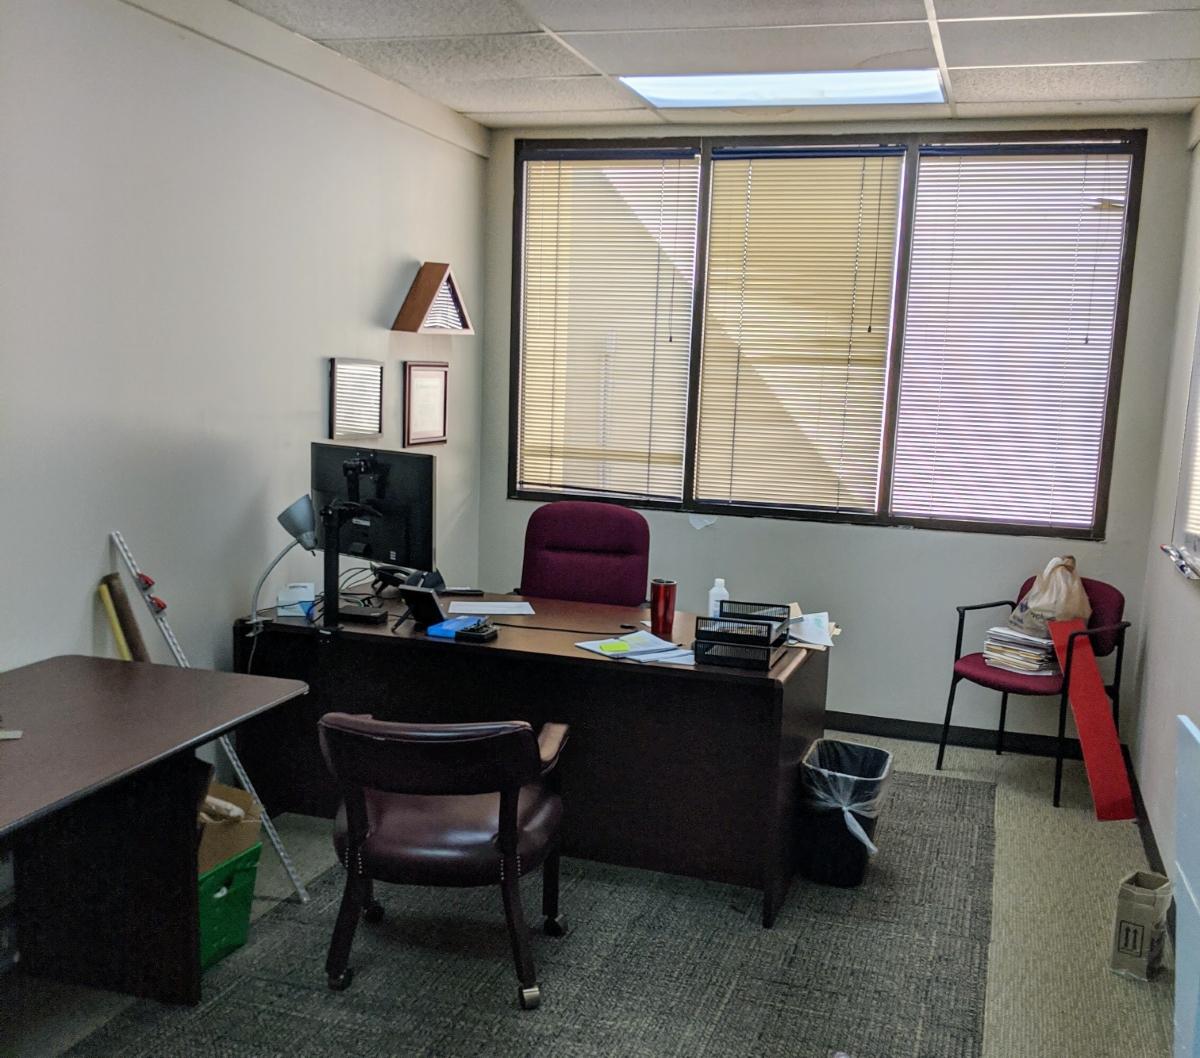 Bldg A Office